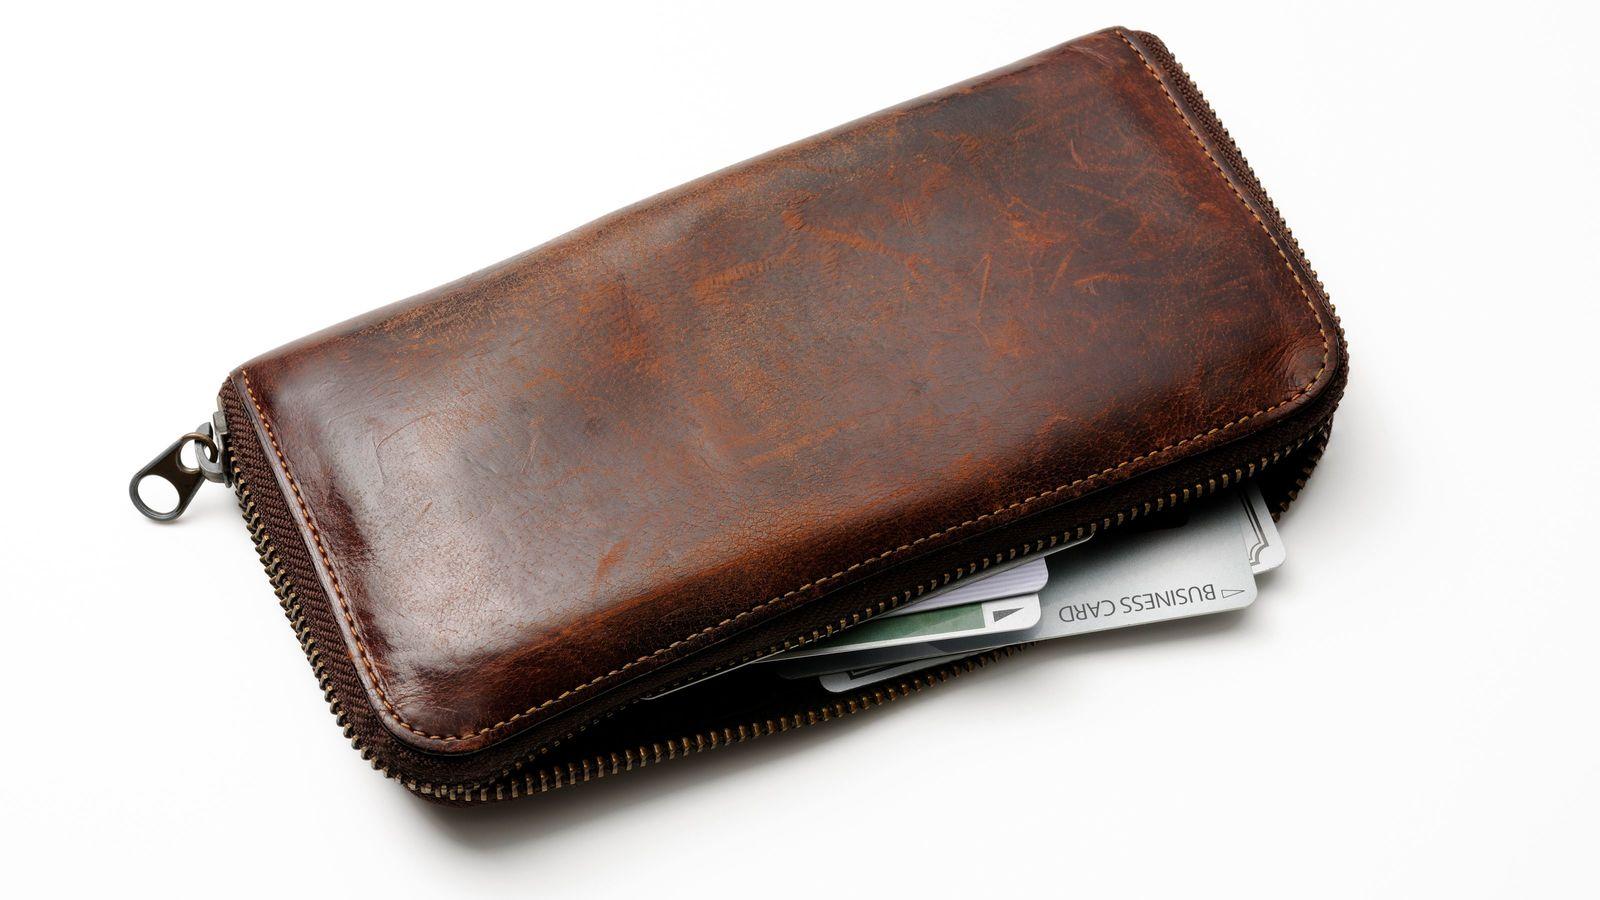 金運寺の住職が説く「ビンボー財布」にある3つの欠点 財布は「祈りの心」を深める場所